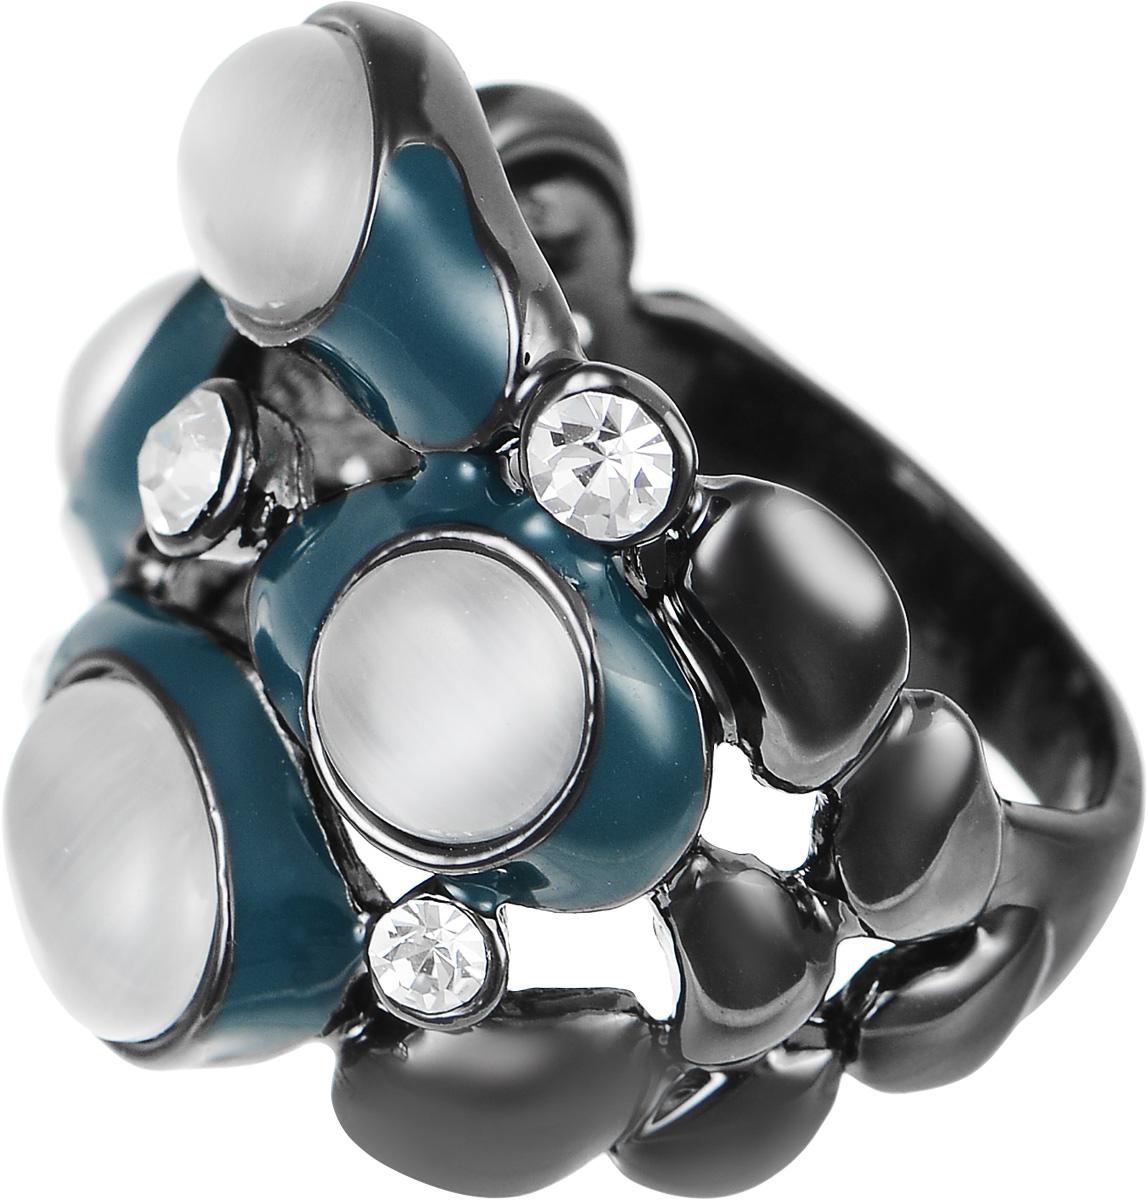 Кольцо Art-Silver, цвет: антрацитовый, серый, темно-бирюзовый. 066762-904-586. Размер 18,5066762-904-586Великолепное кольцо Art-Silver изготовлено из бижутерного сплава. Изделие дополнено цирконами, натуральными камнями кошачий глаз и вставками из эмали. Стильное кольцо придаст вашему образу изюминку и подчеркнет индивидуальность.